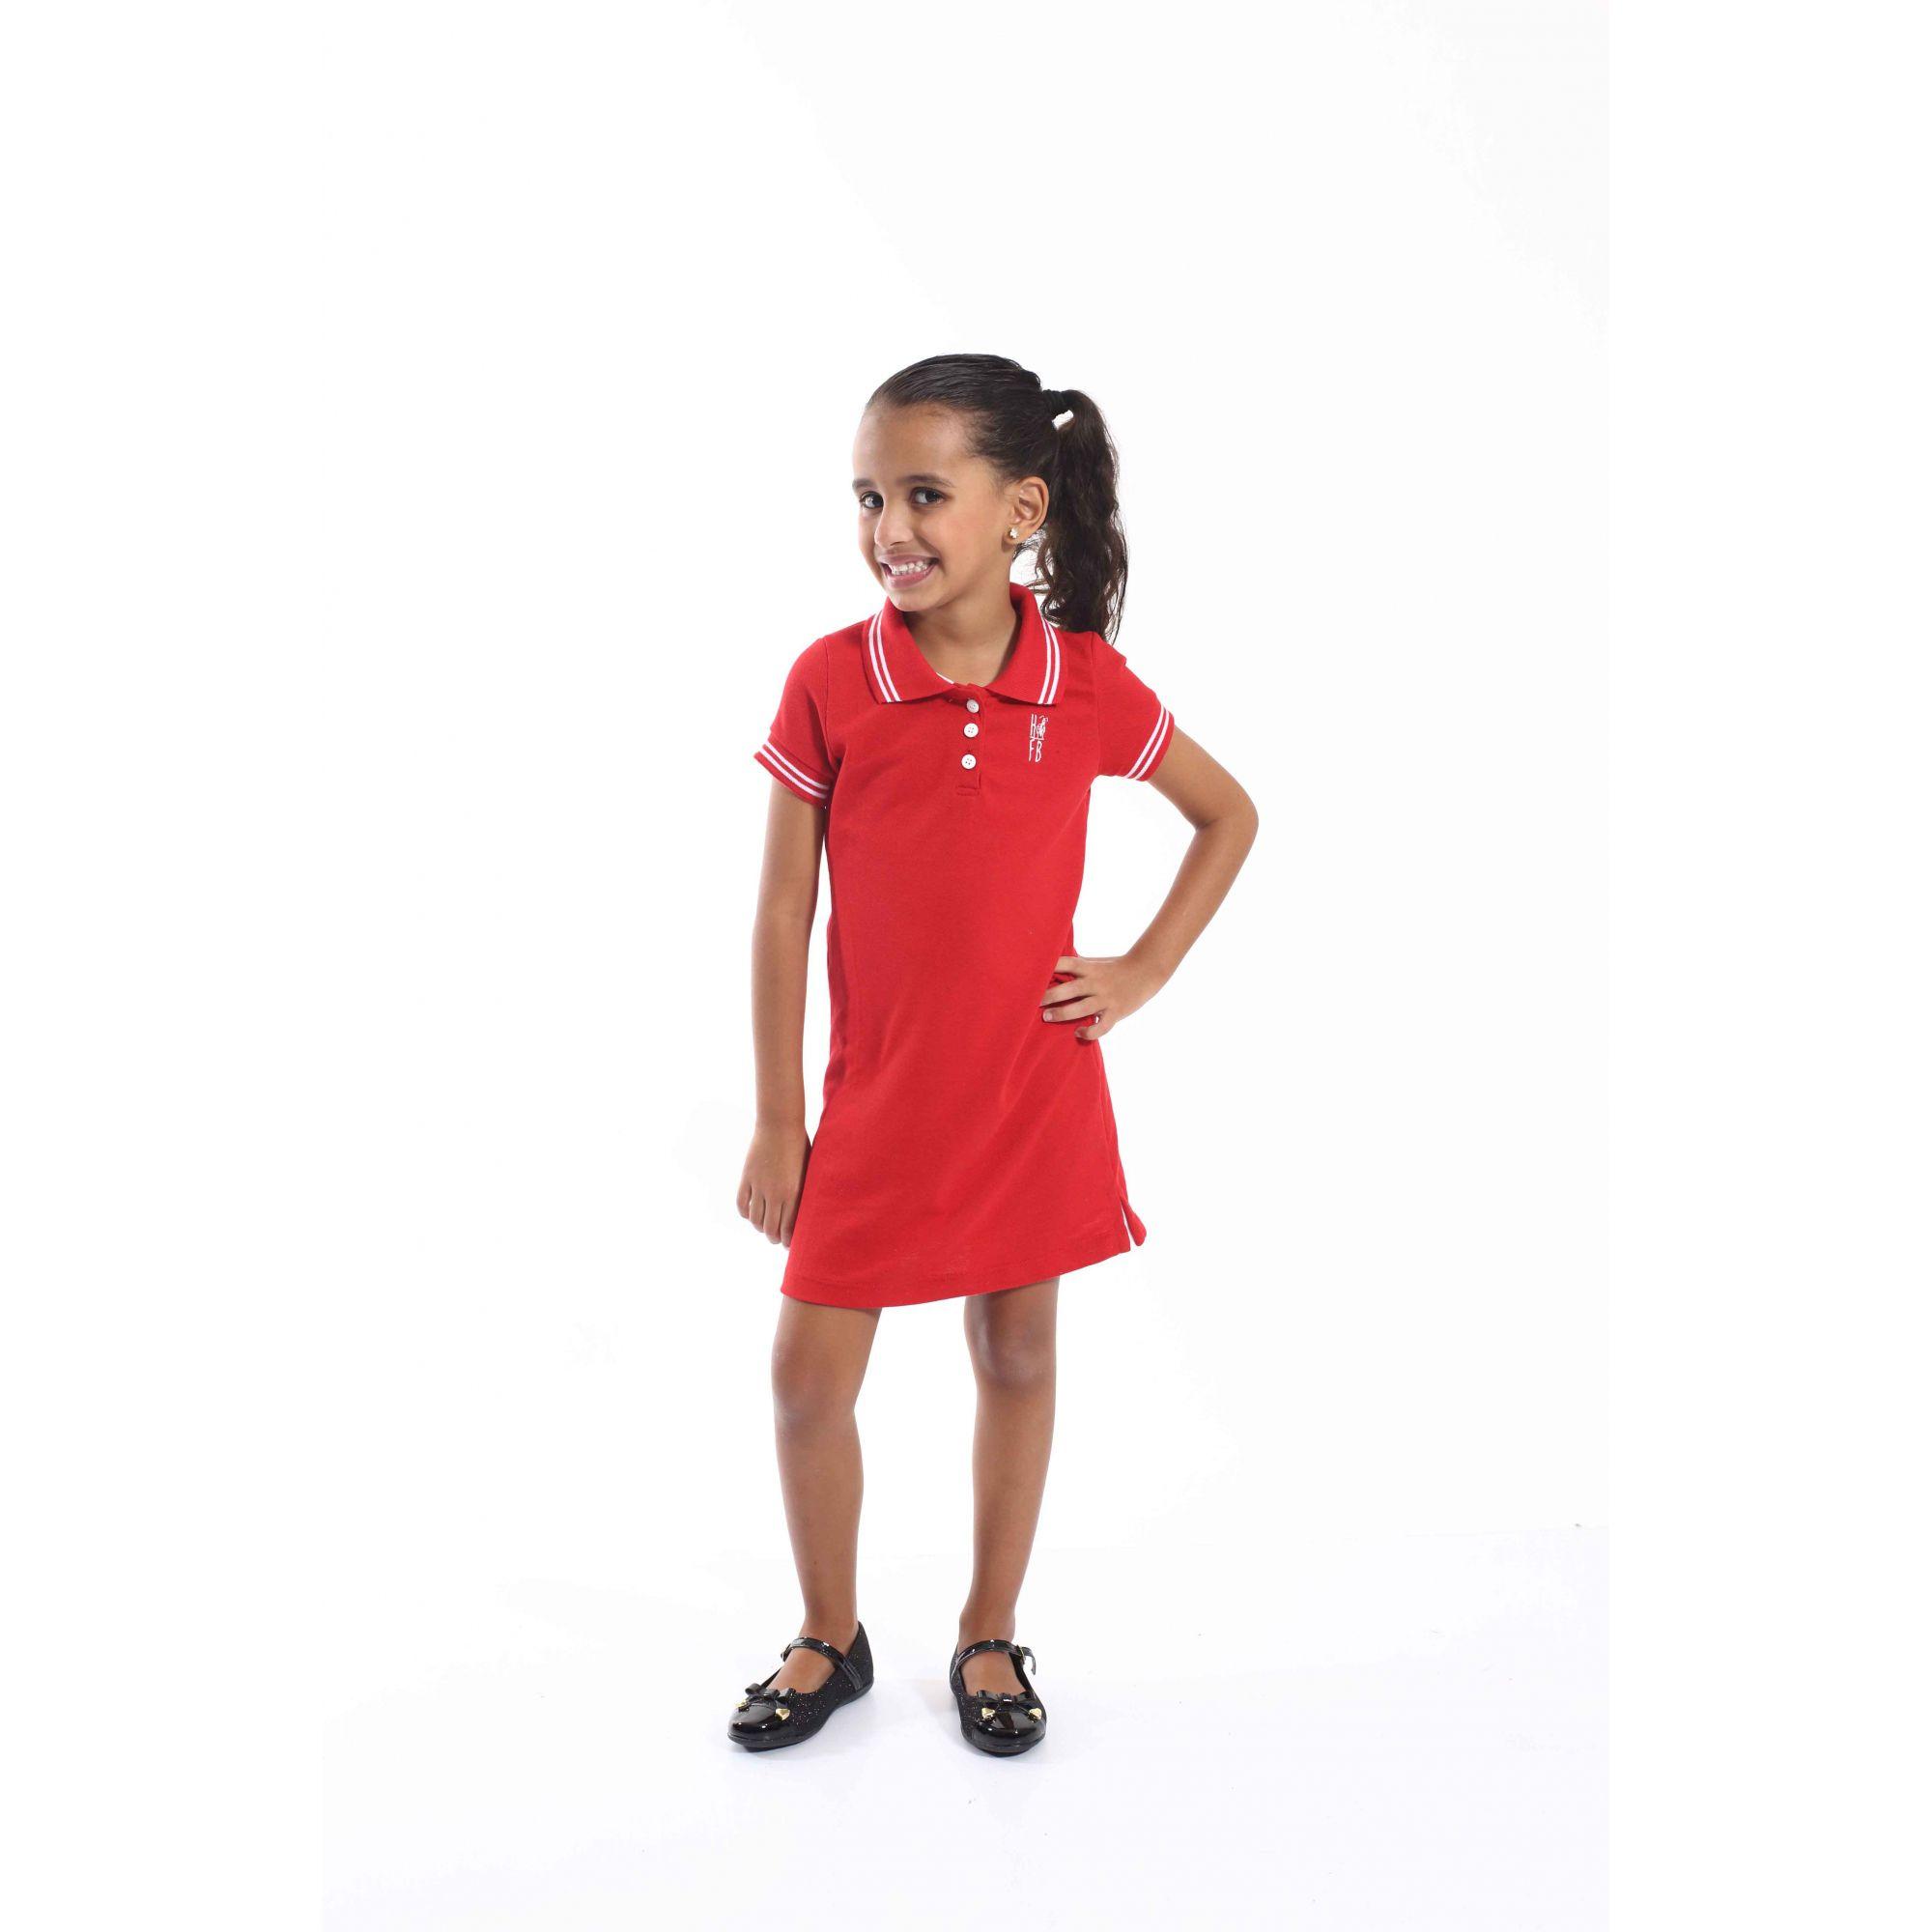 MÃE E FILHA > Kit 02 Vestidos Adulto e Infantil Vermelhos Paixão [Coleção Tal Mãe Tal Filha]  - Heitor Fashion Brazil